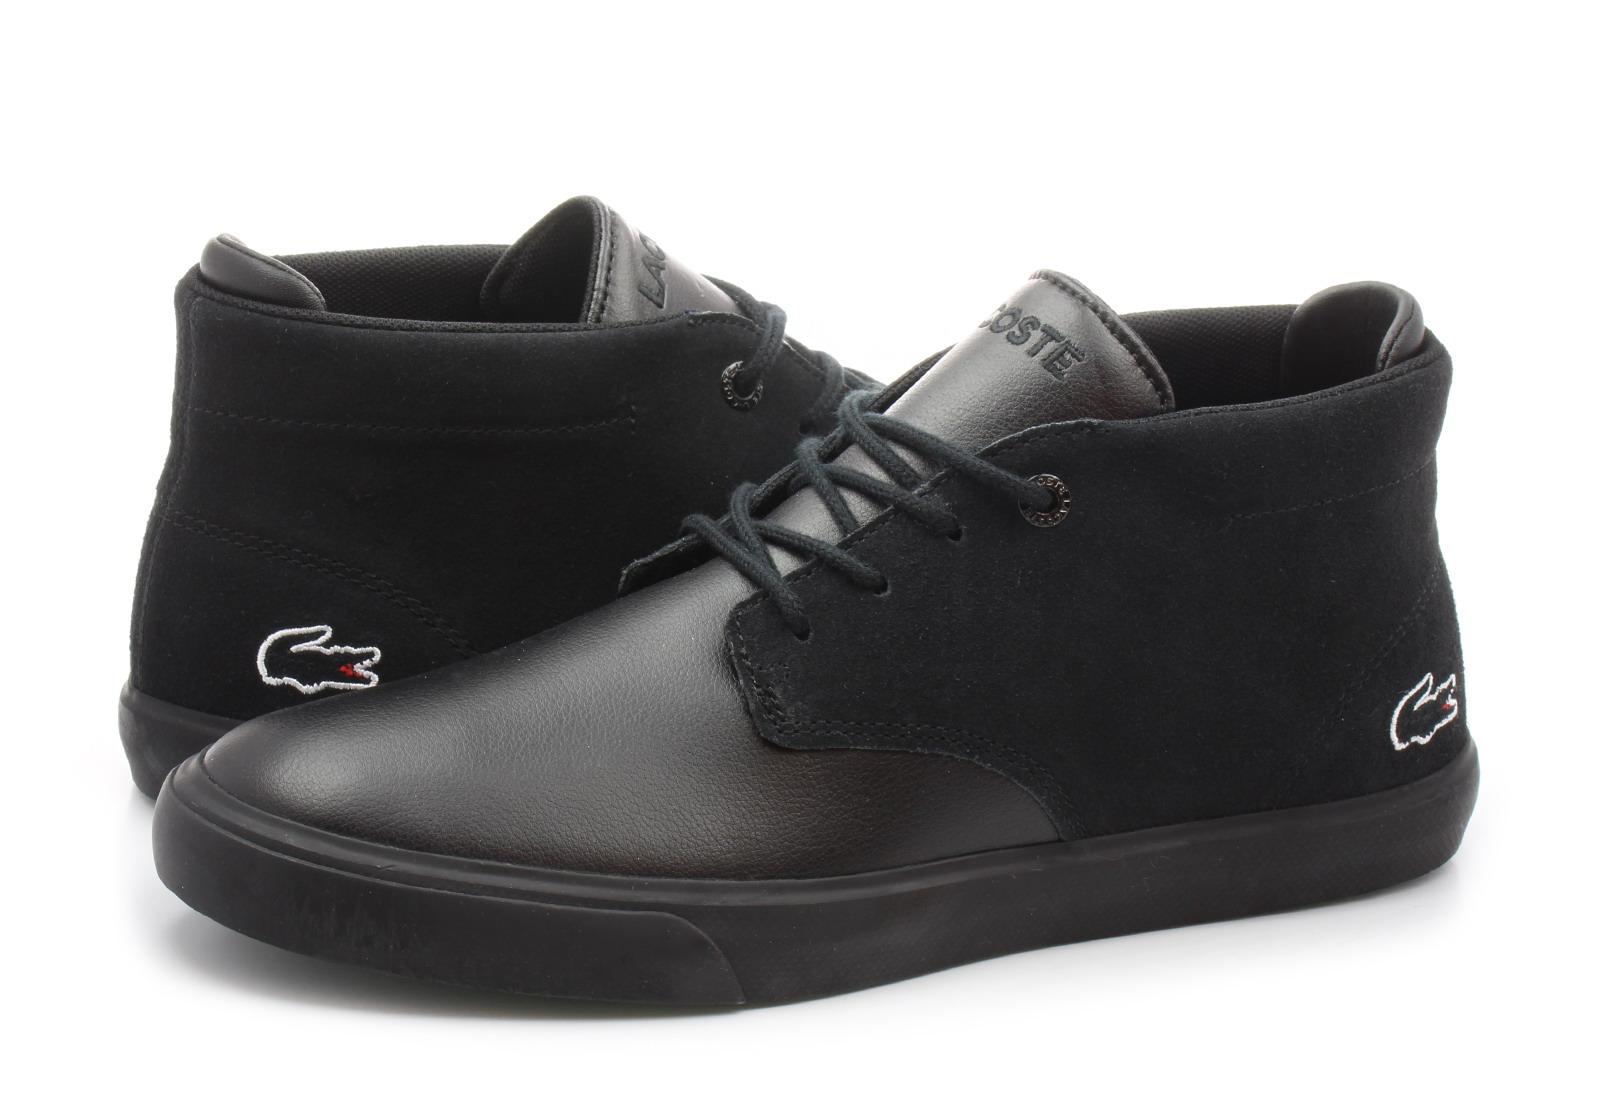 Lacoste Cipő - Esparre Chukka - 183CAJ0004-02H - Office Shoes ... 4e5d6e92b7